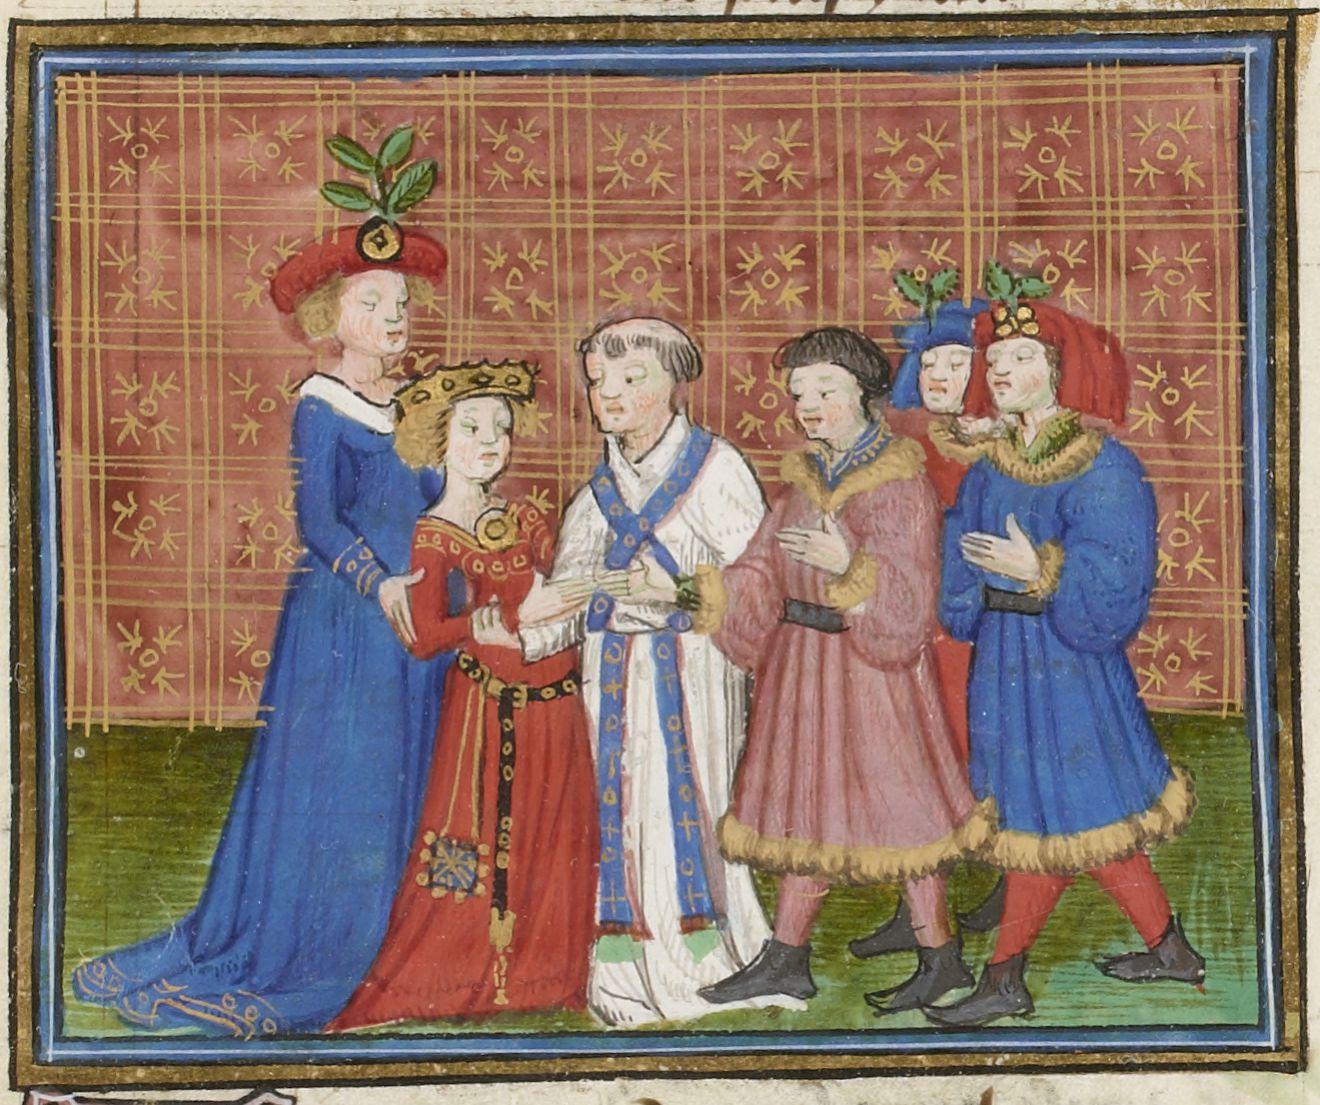 Illuminated manuscript.